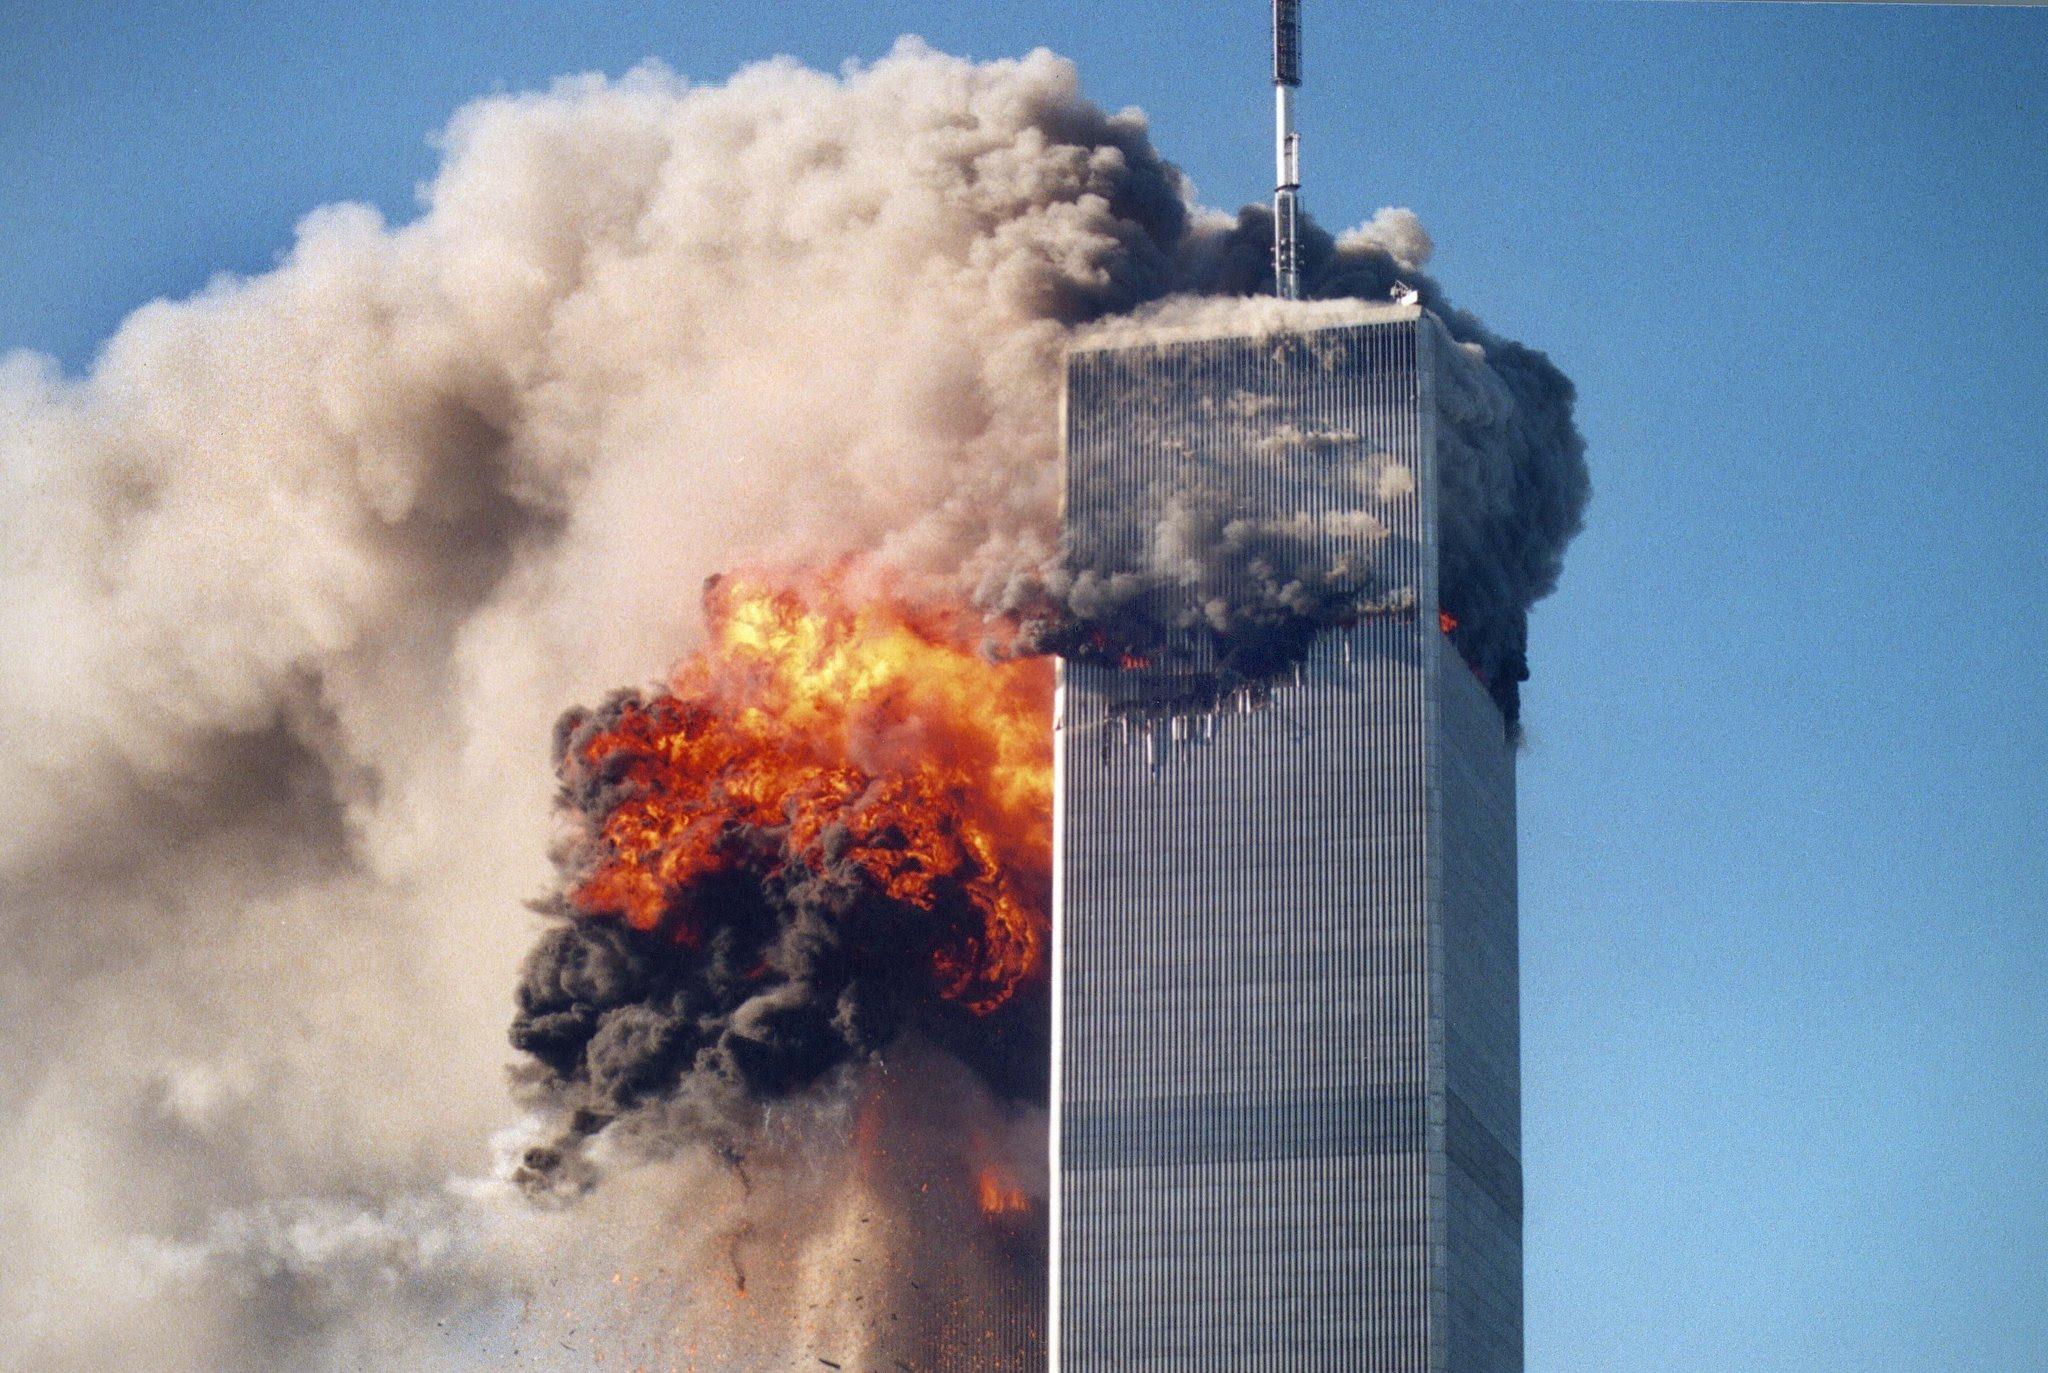 محكمة أمريكية تلزم إيران بالتعويض لأسر ضحايا هجمات 11 سبتمبر